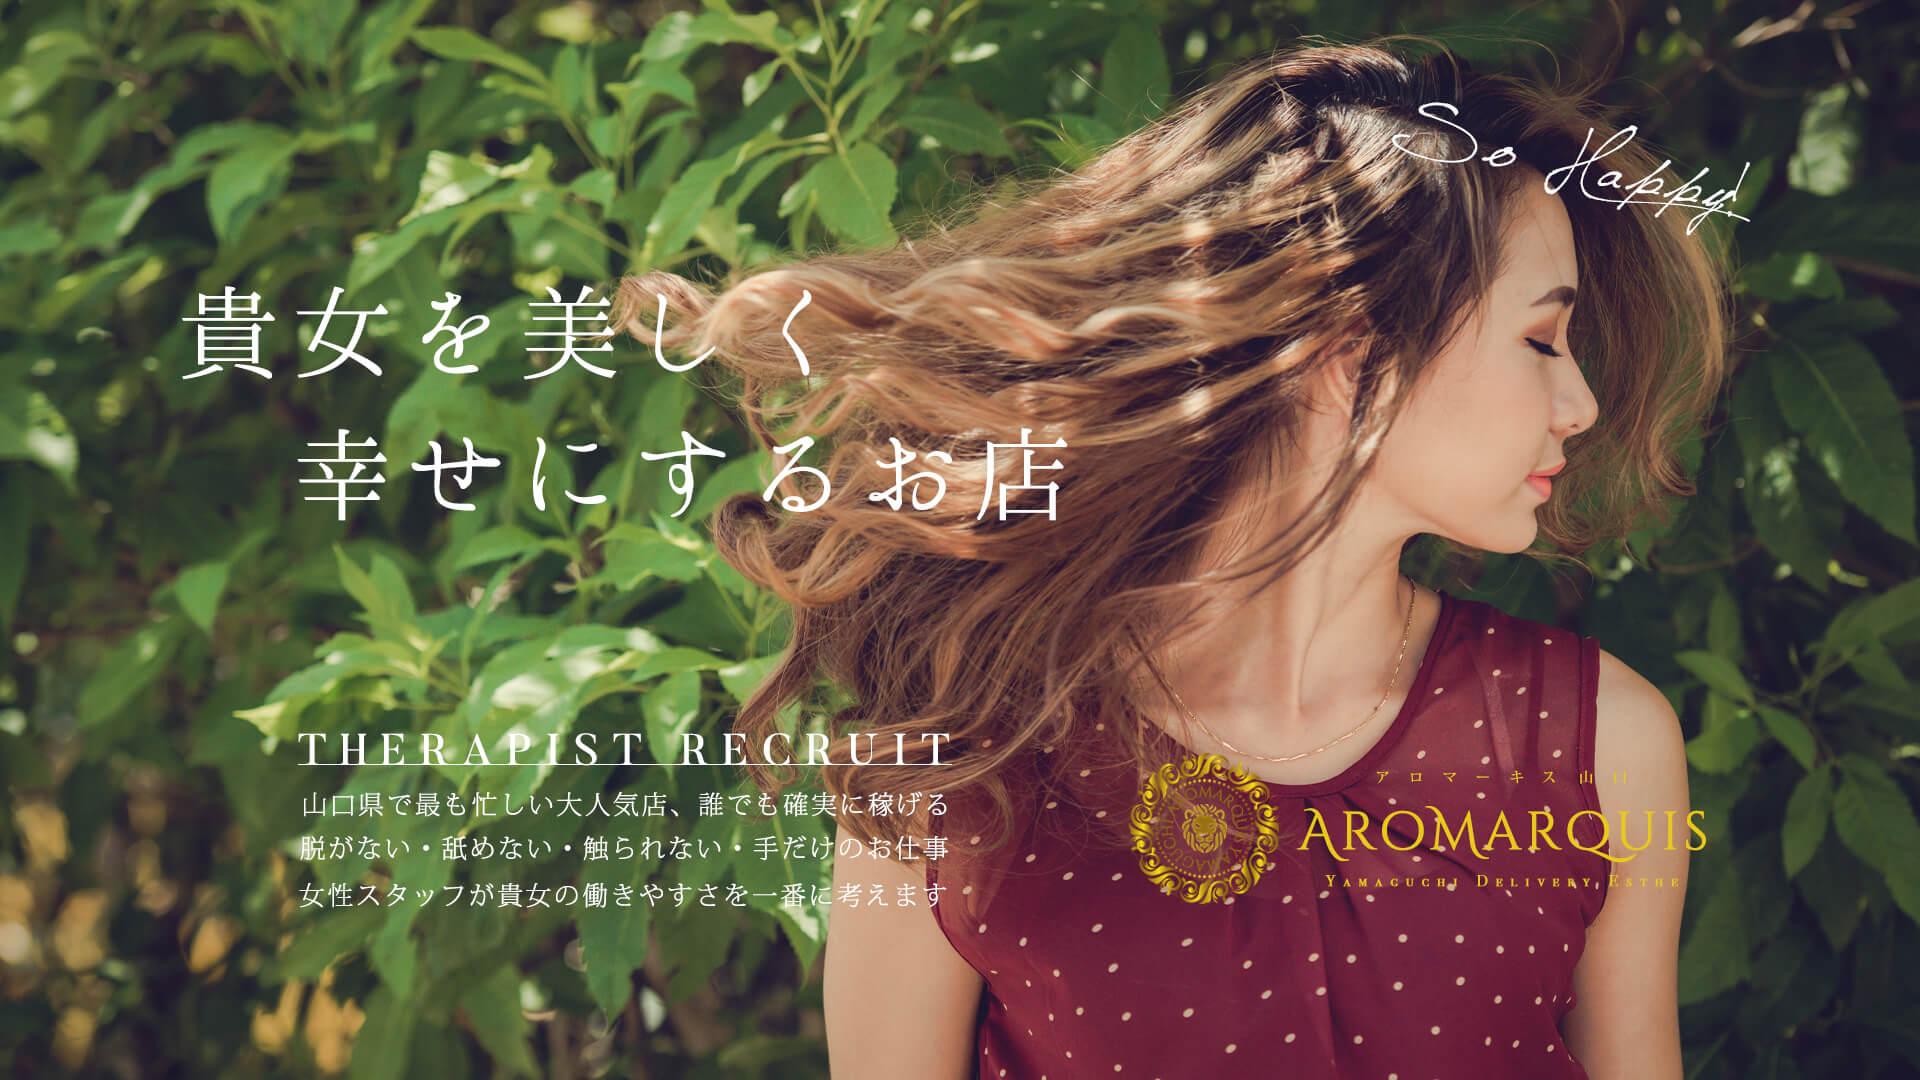 貴女を美しく幸せにするお店AROMARQUIS 山口 - アロマーキス山口 -